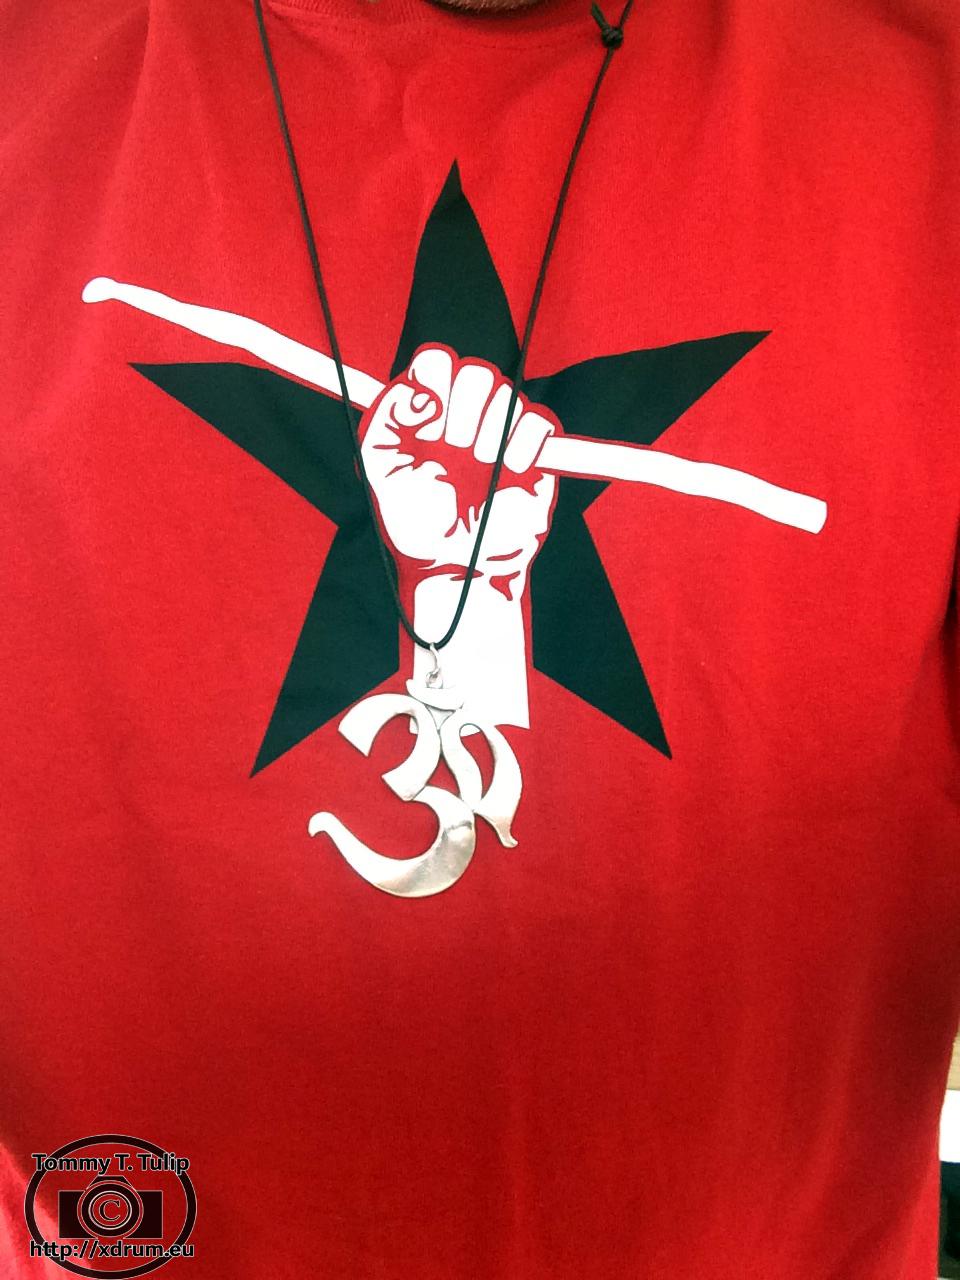 2015-04-02-15.44_Drummer-T-Shirt